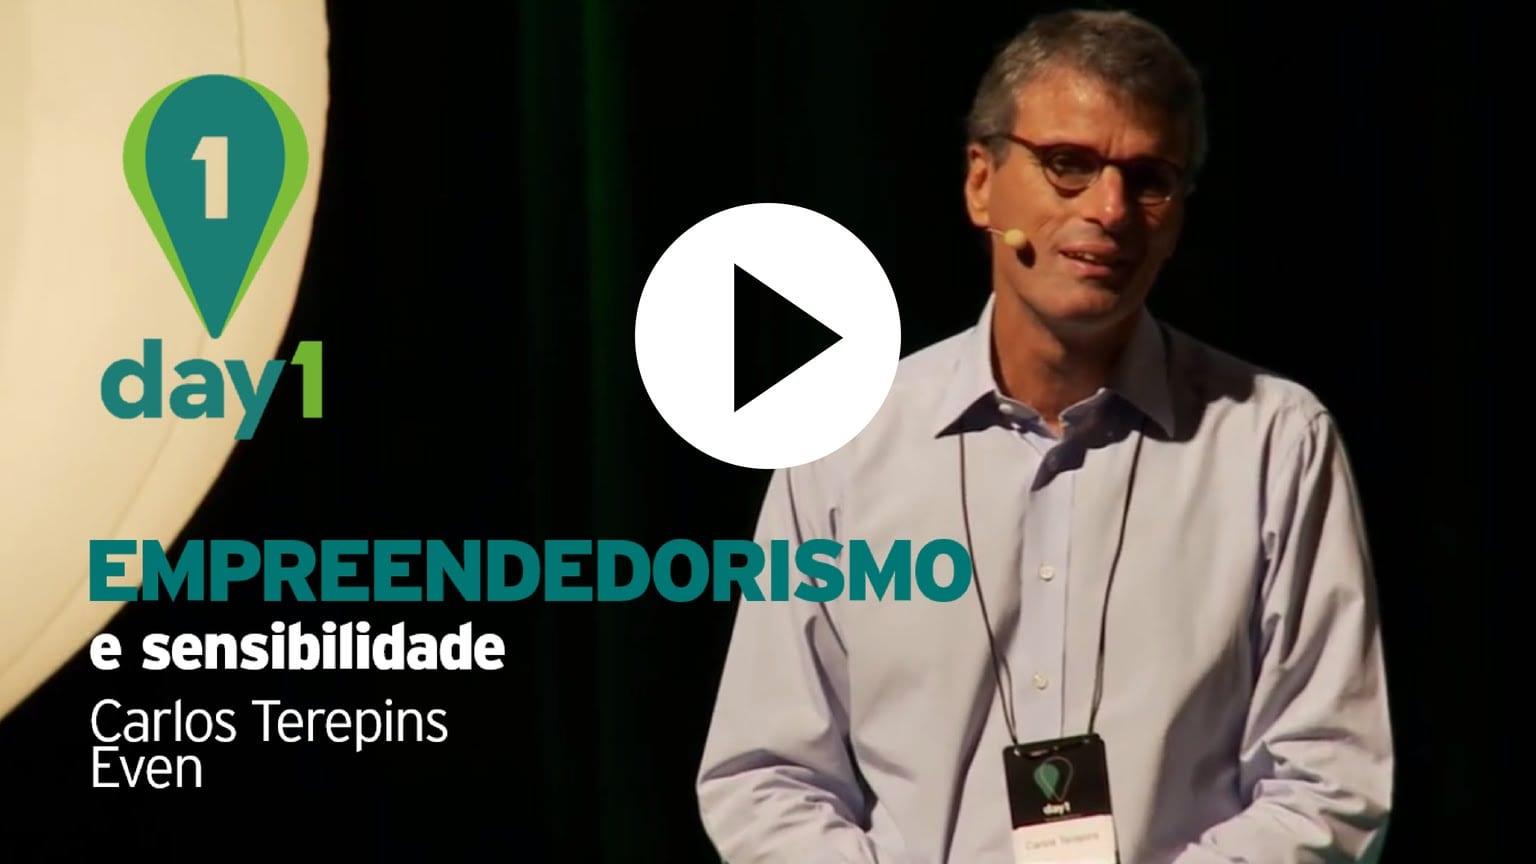 Day1 | Uma história de empreendedorismo e sensibilidade – Carlos Terepins [Even]